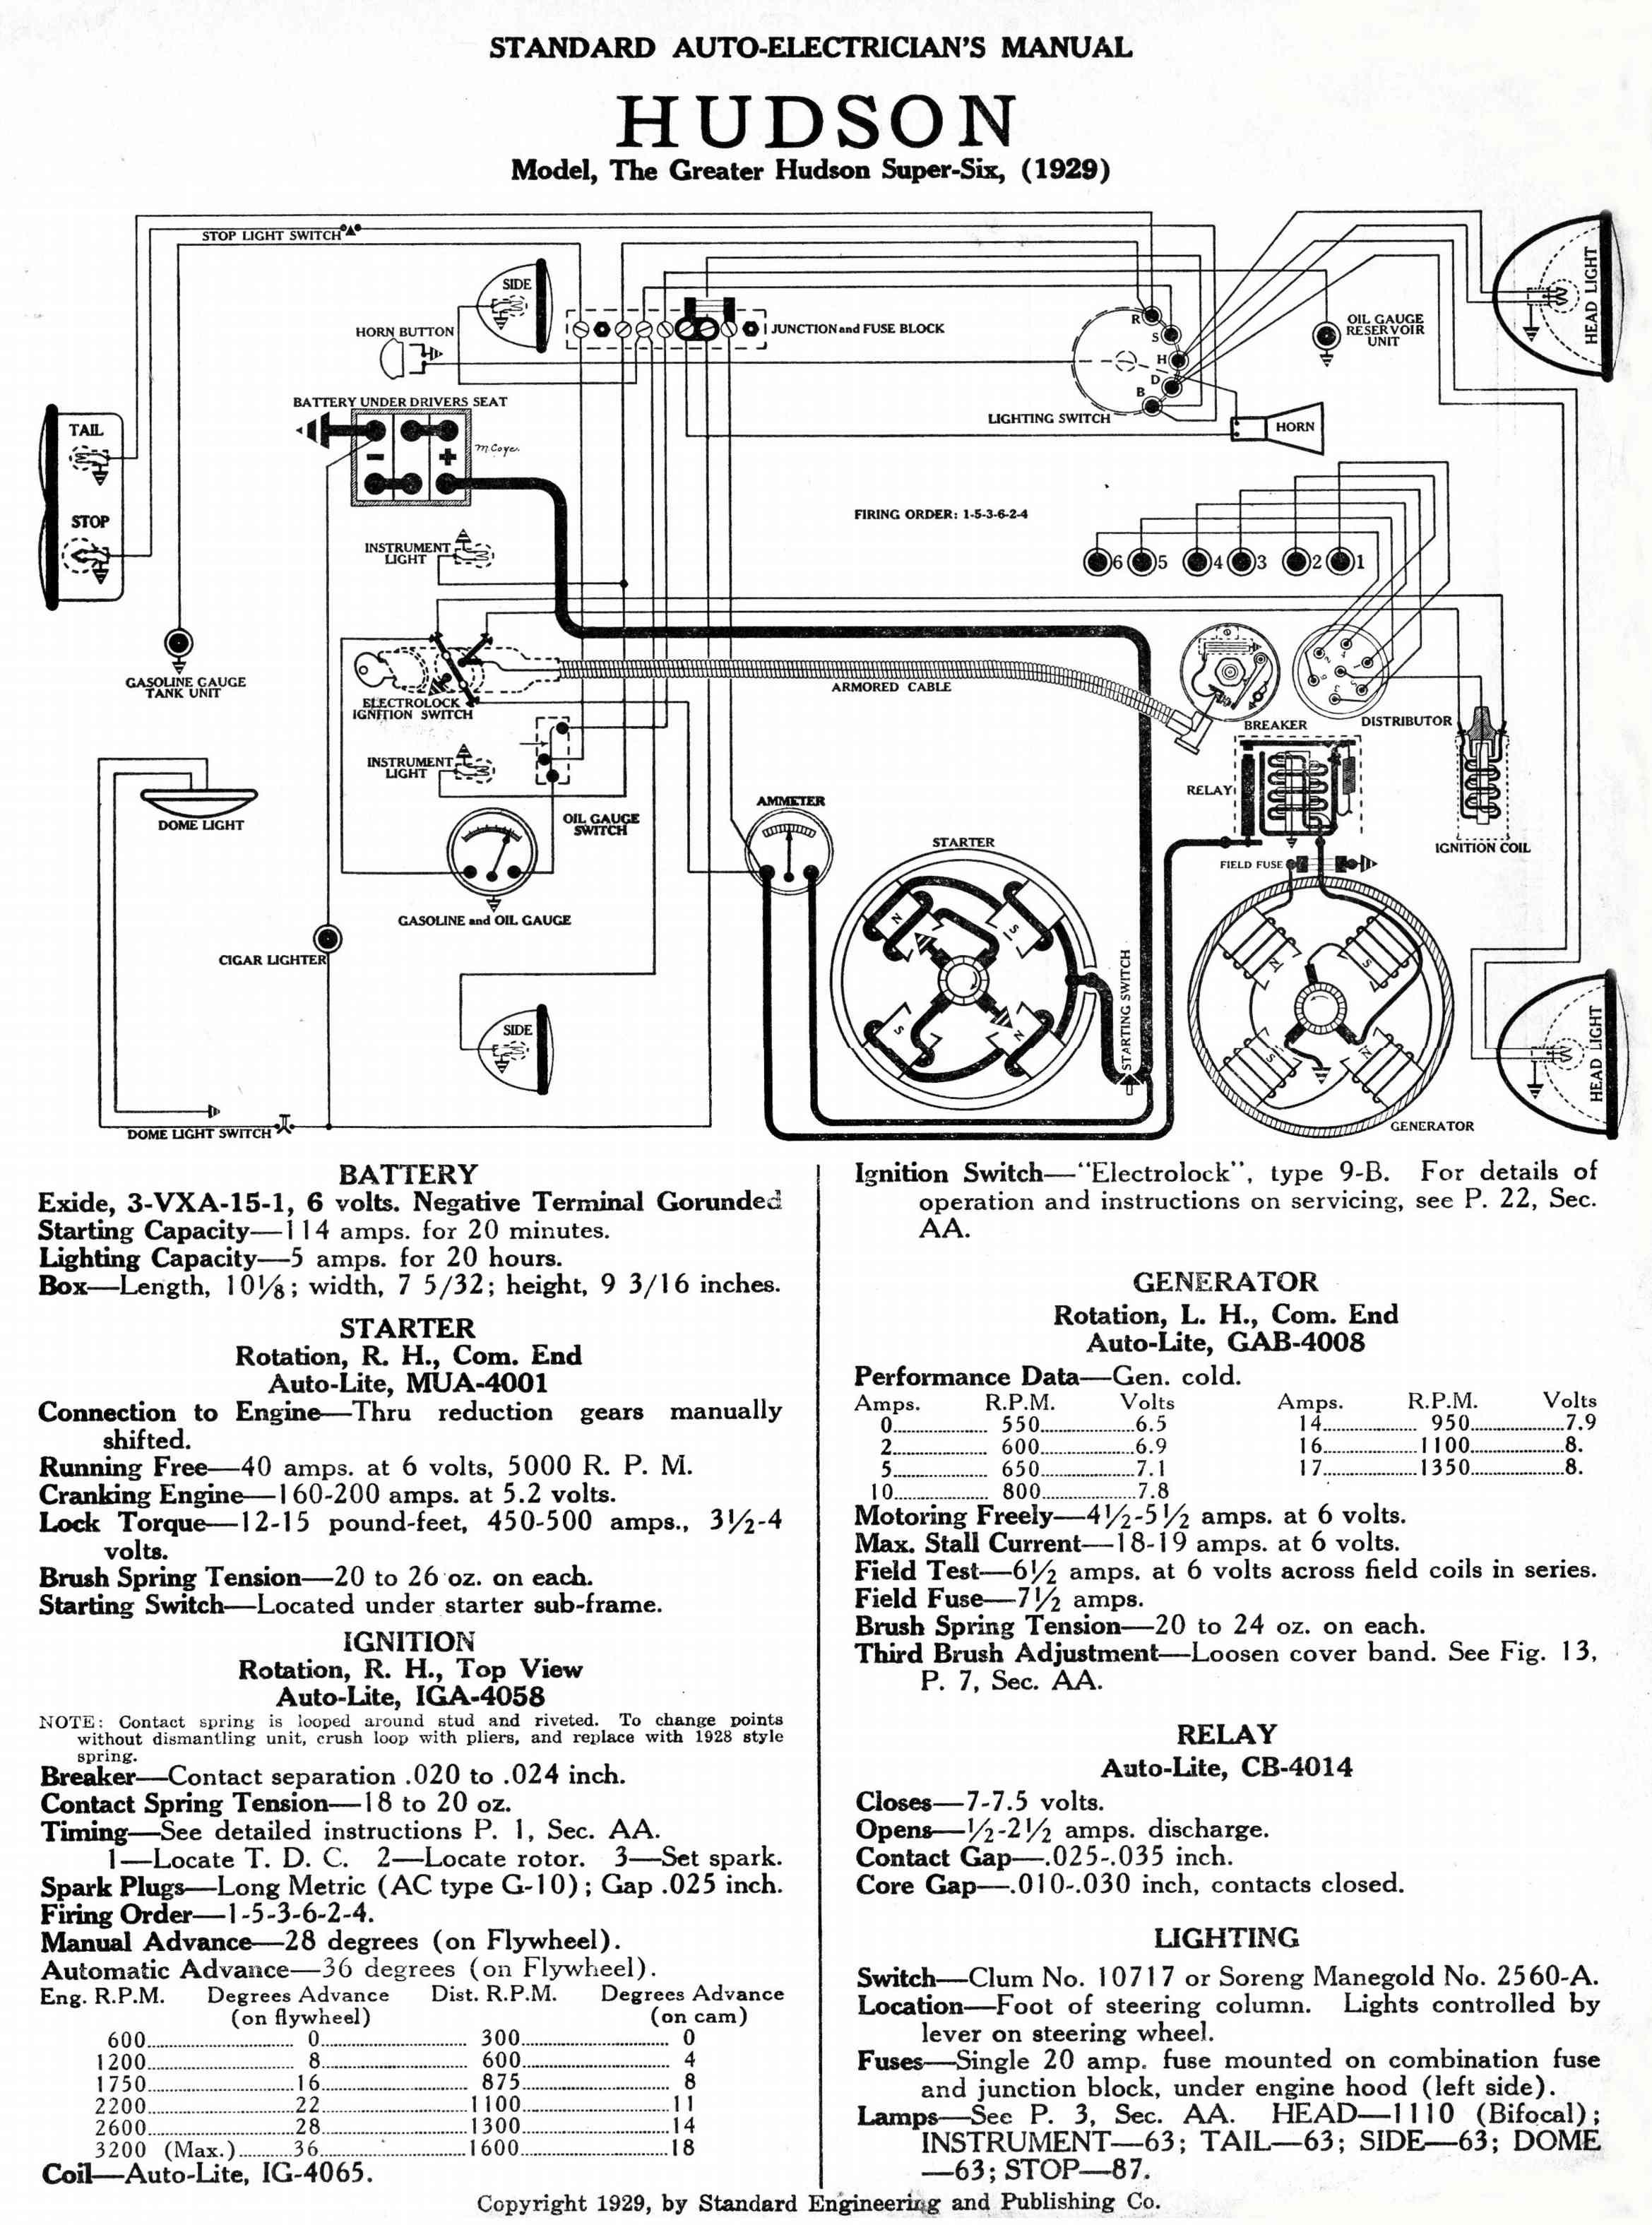 Hudson Trailer Wiring Diagram -Pontiac Fog Lights Wiring Diagram | Begeboy Wiring  Diagram SourceBege Wiring Diagram - Begeboy Wiring Diagram Source